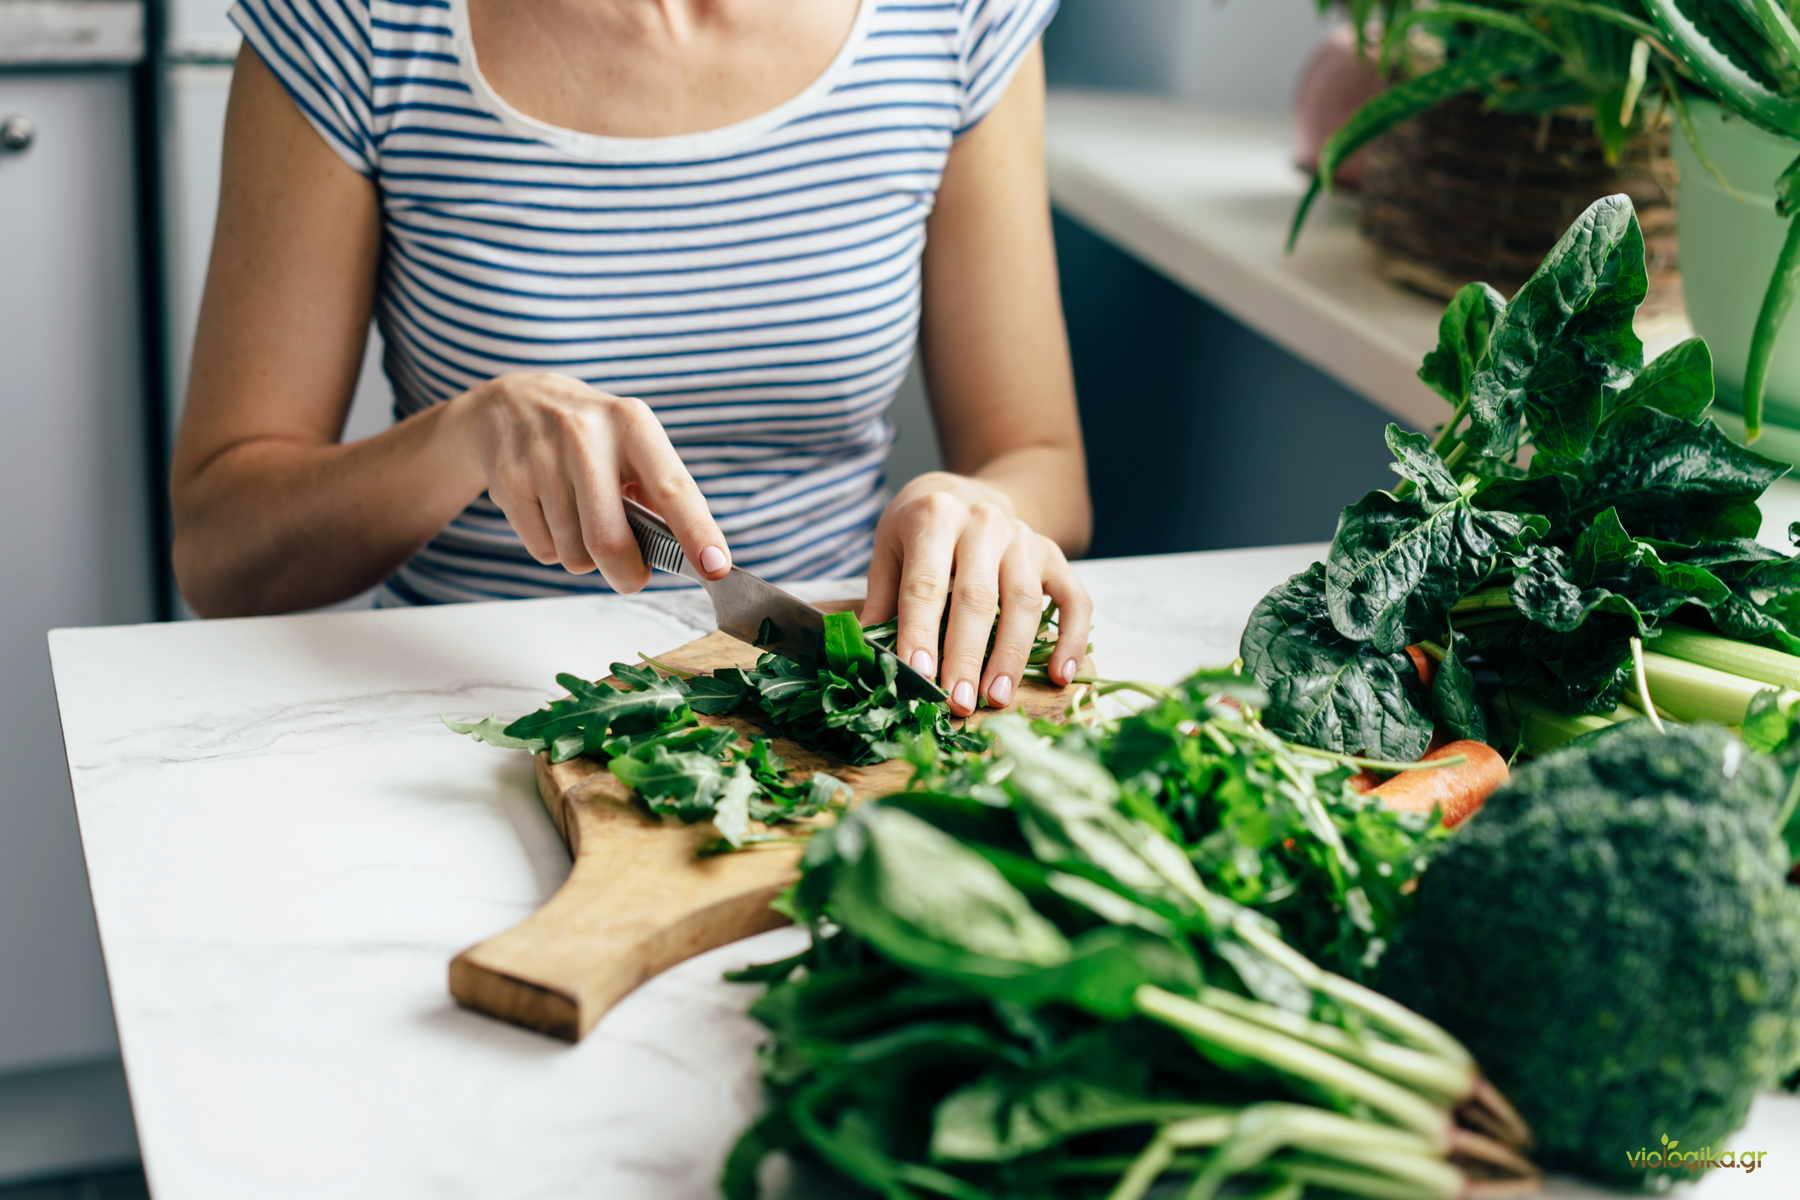 Συνταγές με βιολογικά προϊόντα